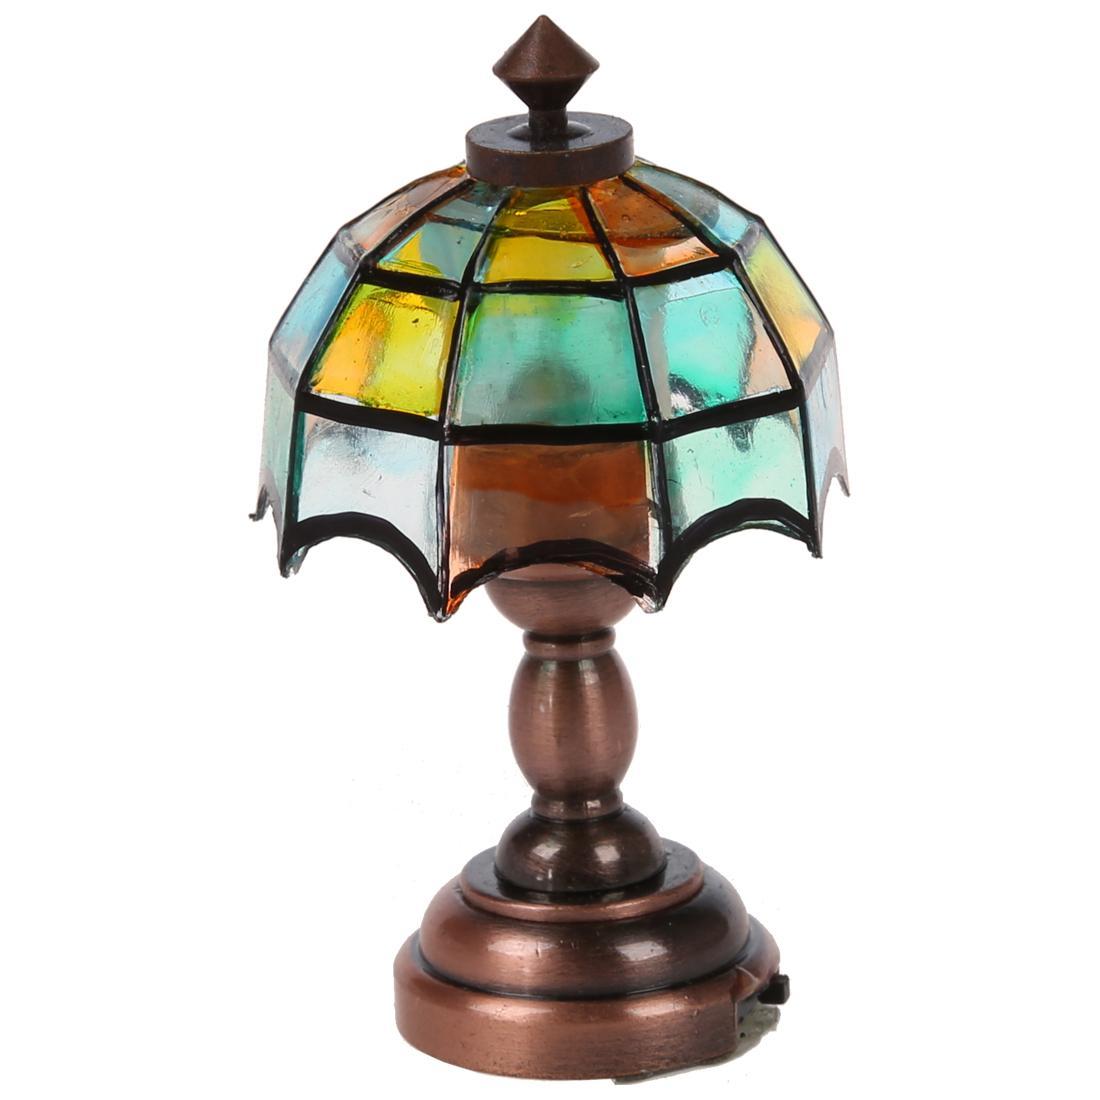 Pour Maison Jouet Nouvelle Lampe Poupée De Miniature 1 12 MVLSzpqUG